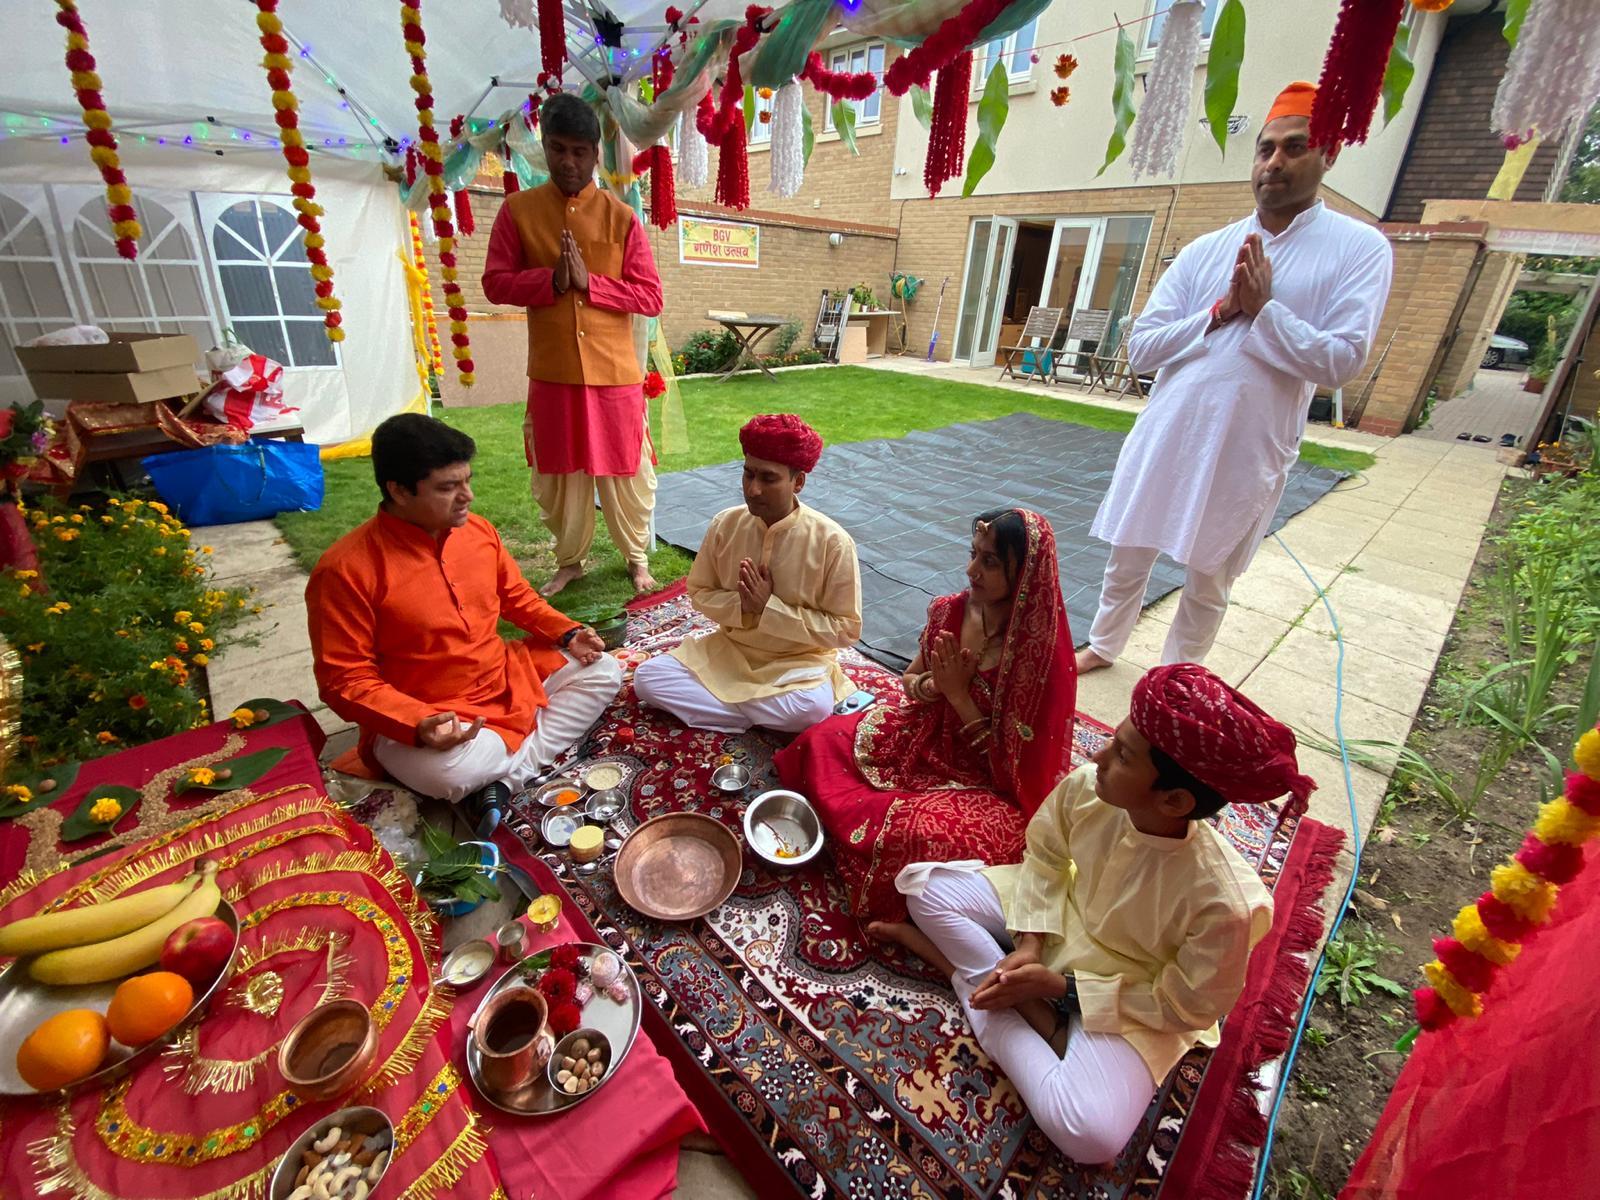 ग्रेटर लंदन में भारतीय मौहल्ले में विराजे गणपति Southend-on-Sea में विसर्जन, मोदक के केक का भोग लगाया, सत्यनाराण की पूजा भी की|जोधपुर,Jodhpur - Dainik Bhaskar